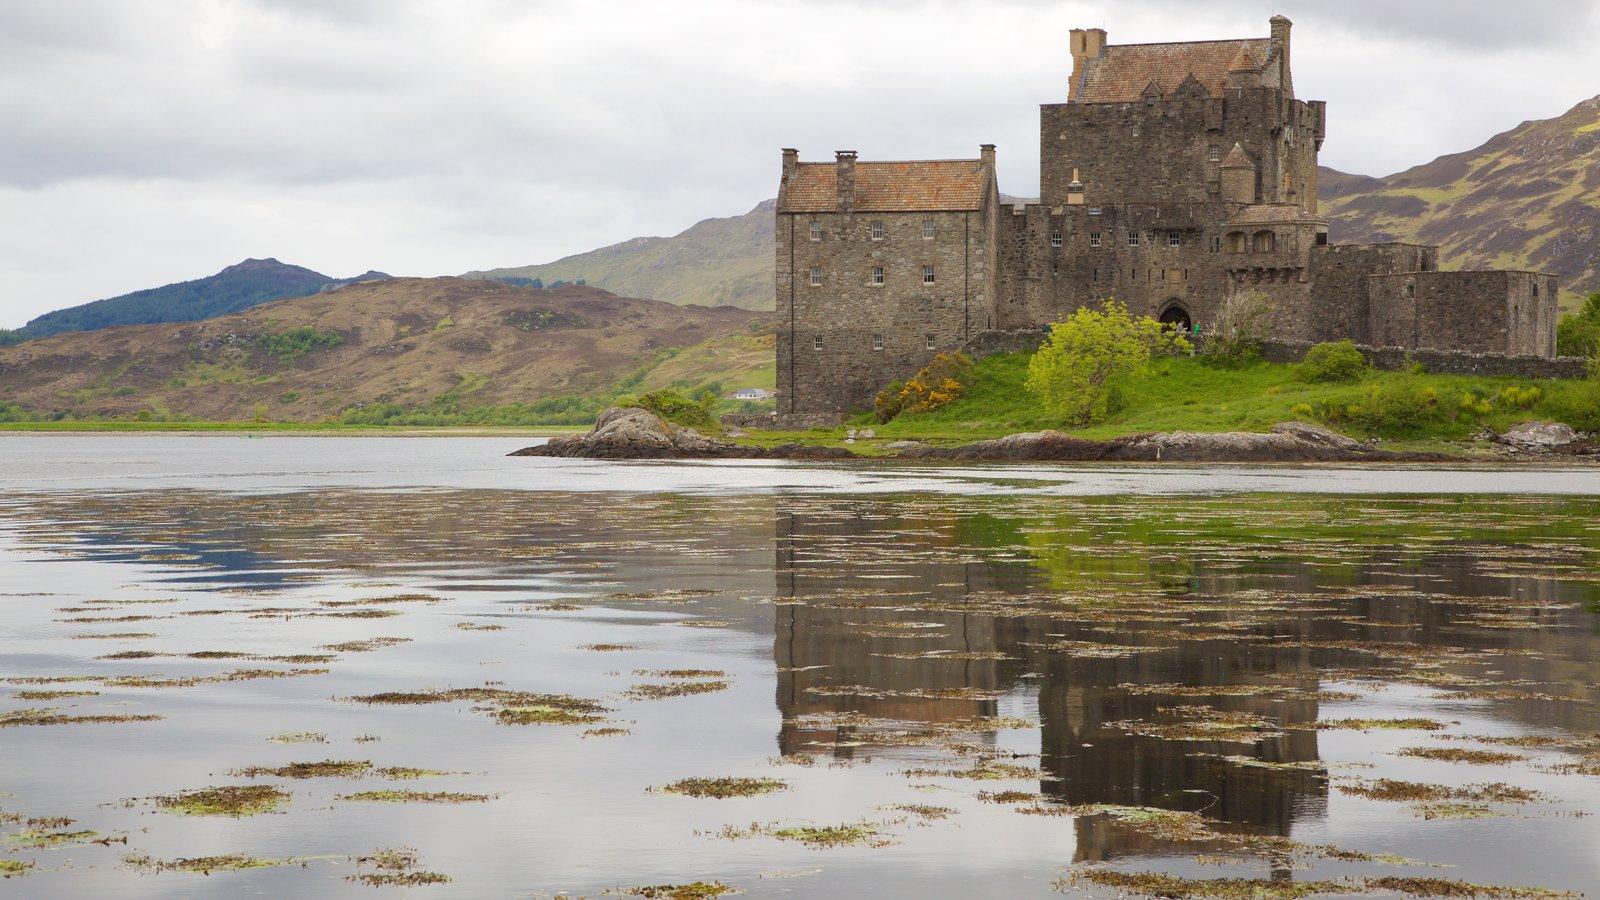 Castillo de Eilean Donan mostrando escenas tranquilas, un lago o abrevadero y un castillo